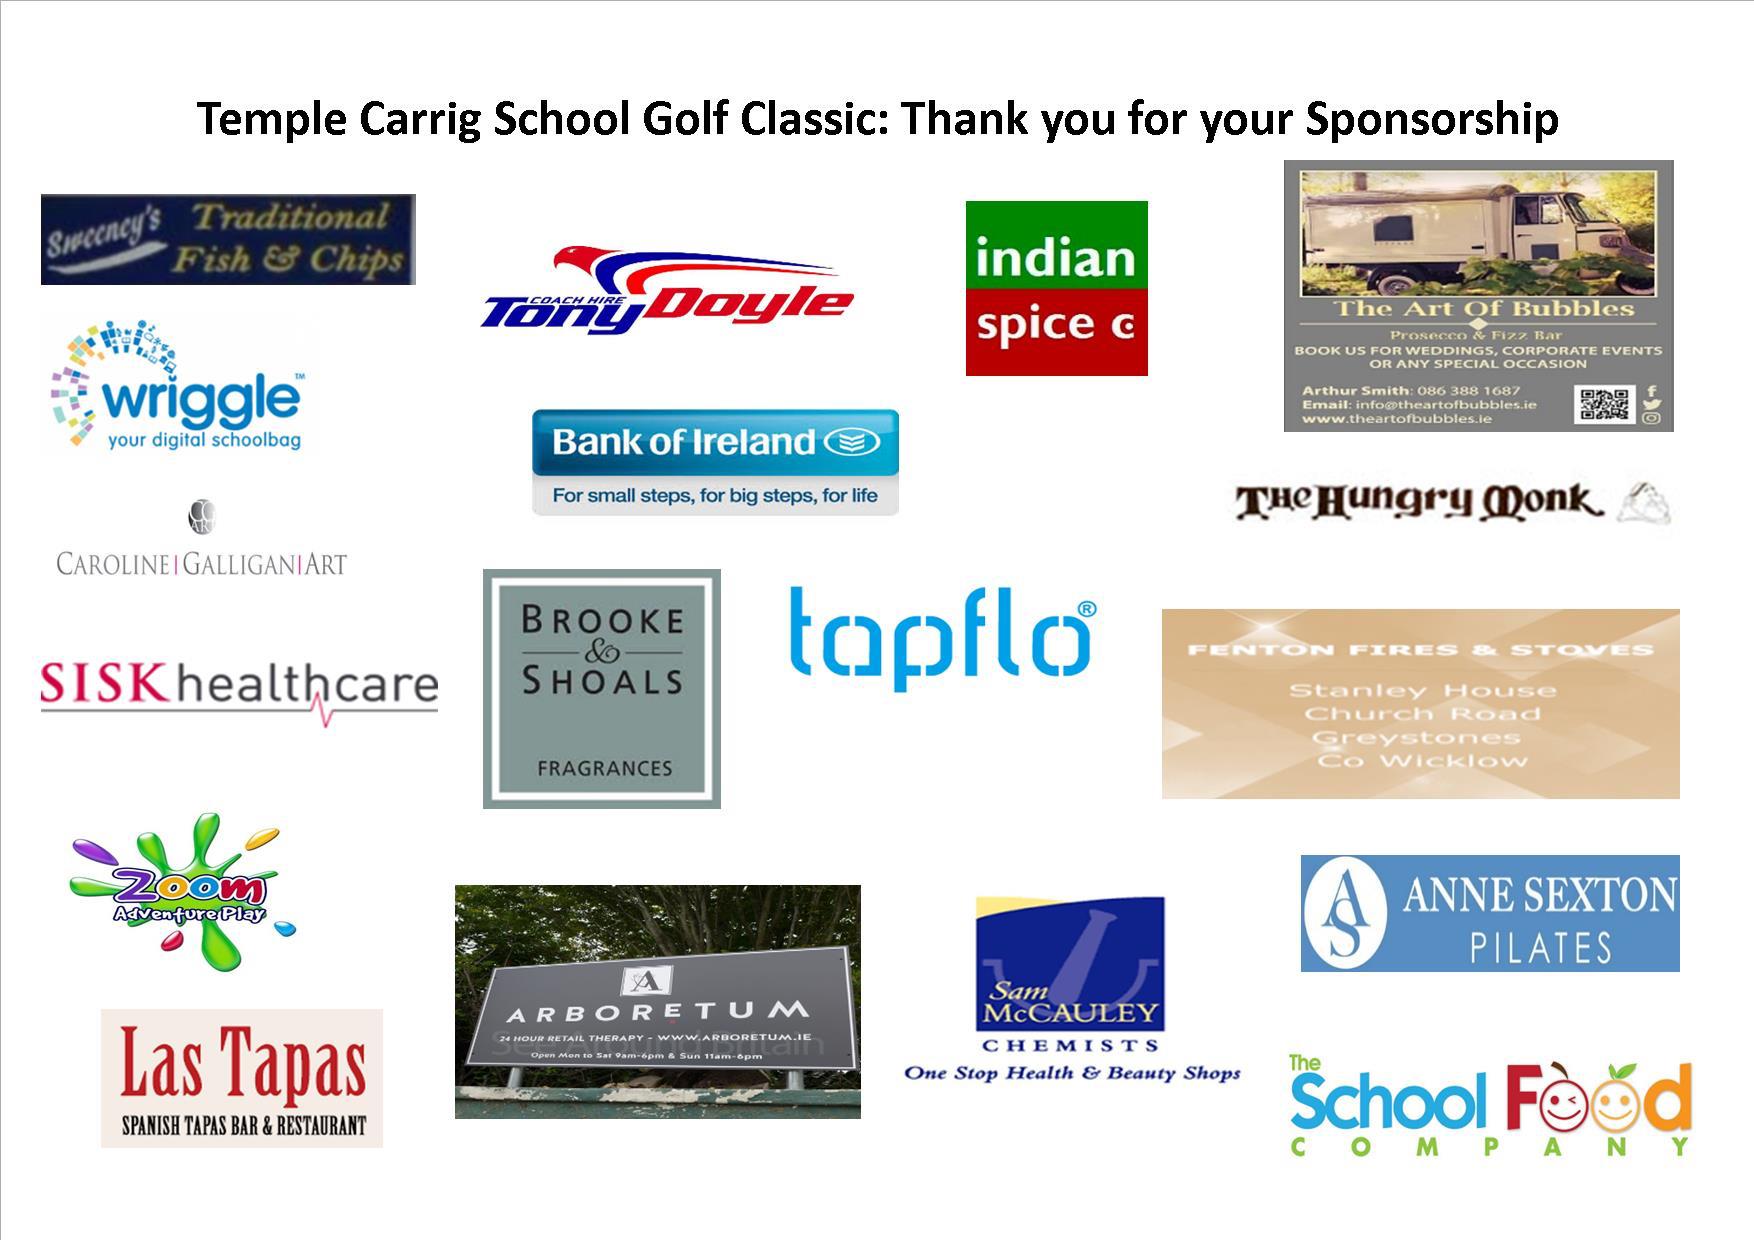 TCG Sponsors Golf Classic 2018 #2